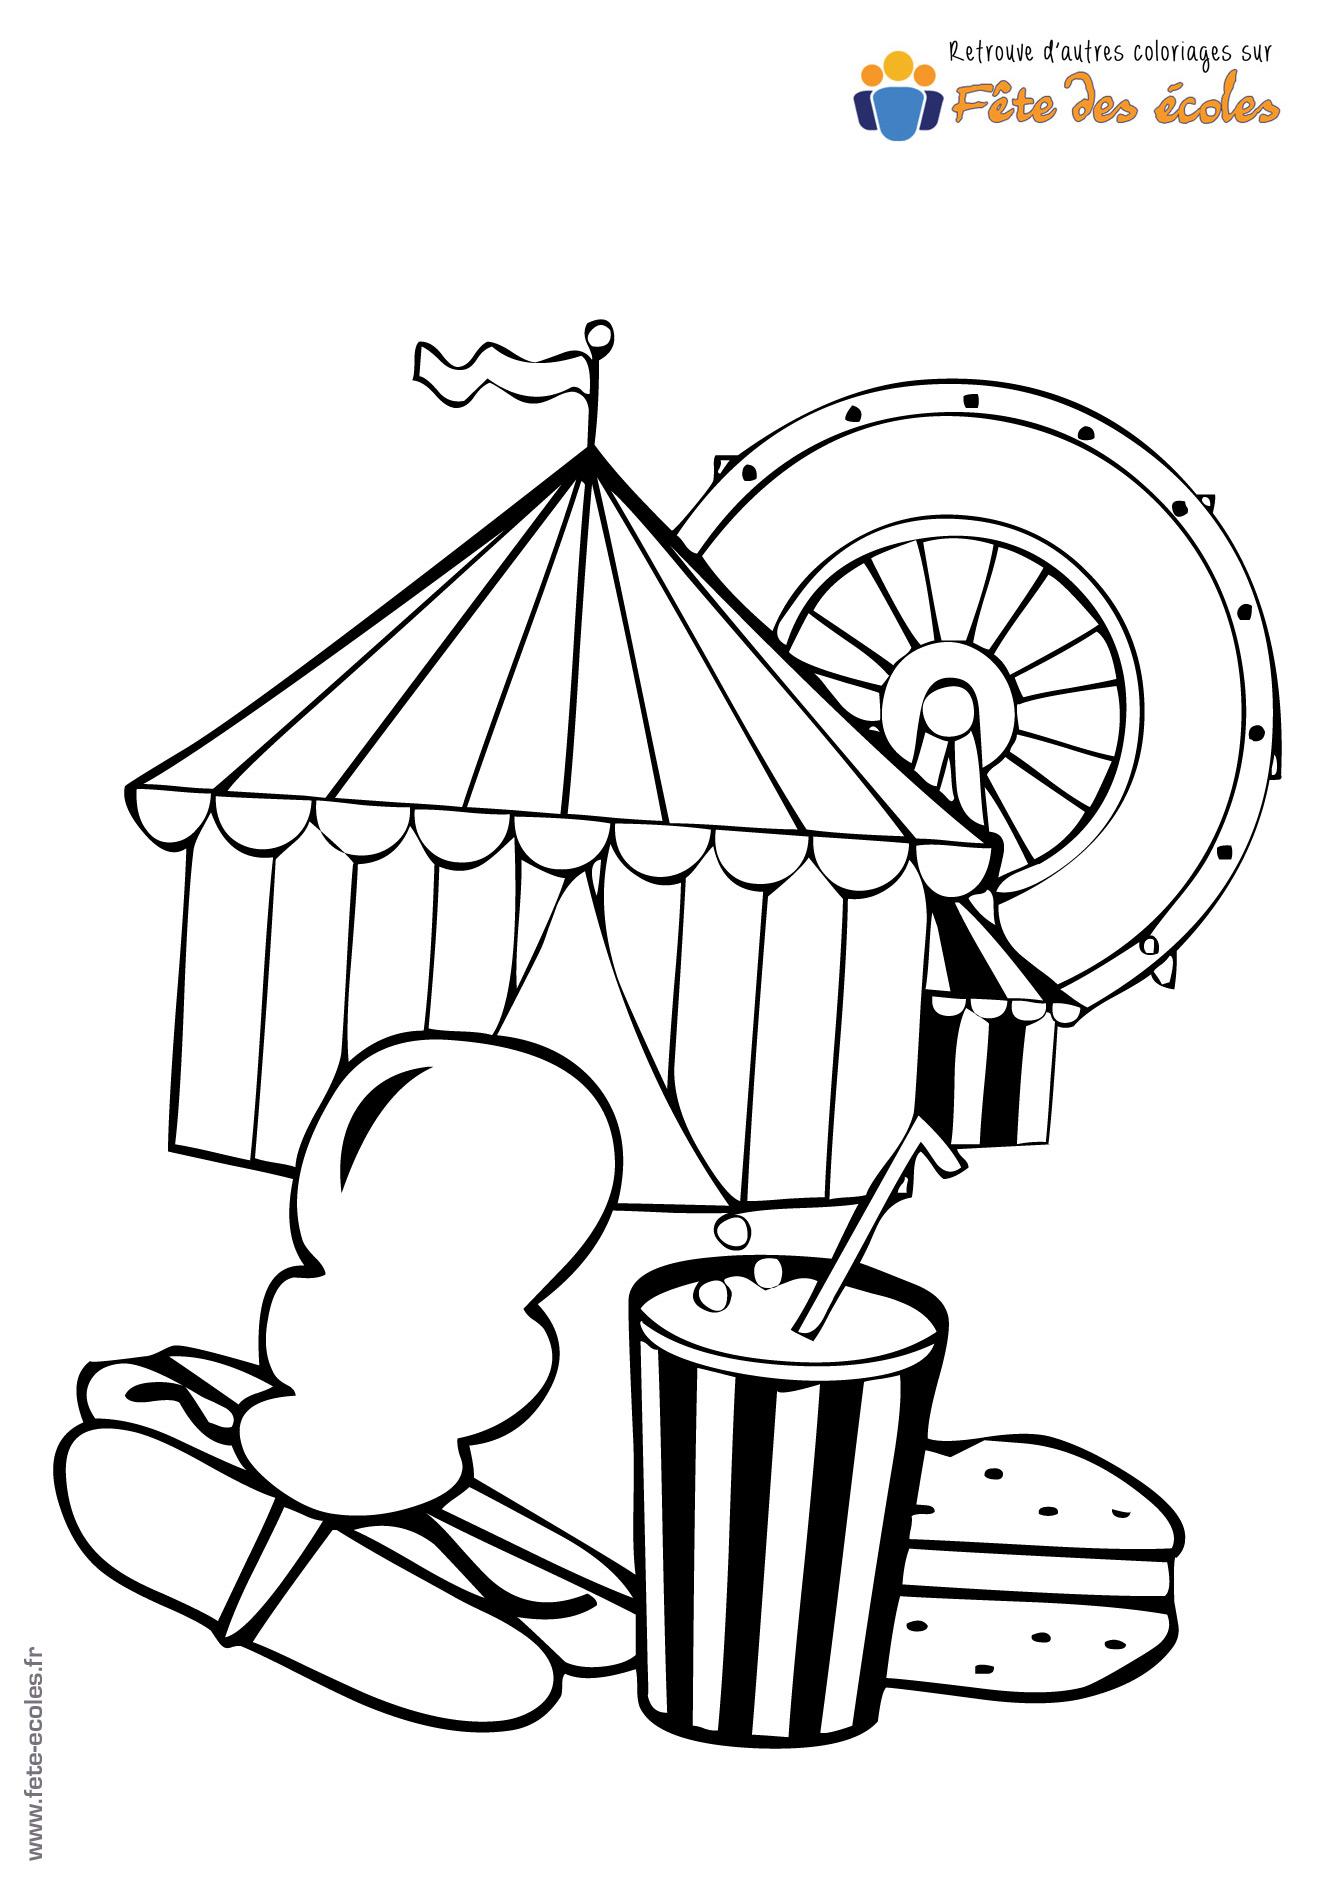 Coloriage la panoplie pour aller au cirque - Coloriages cirque ...